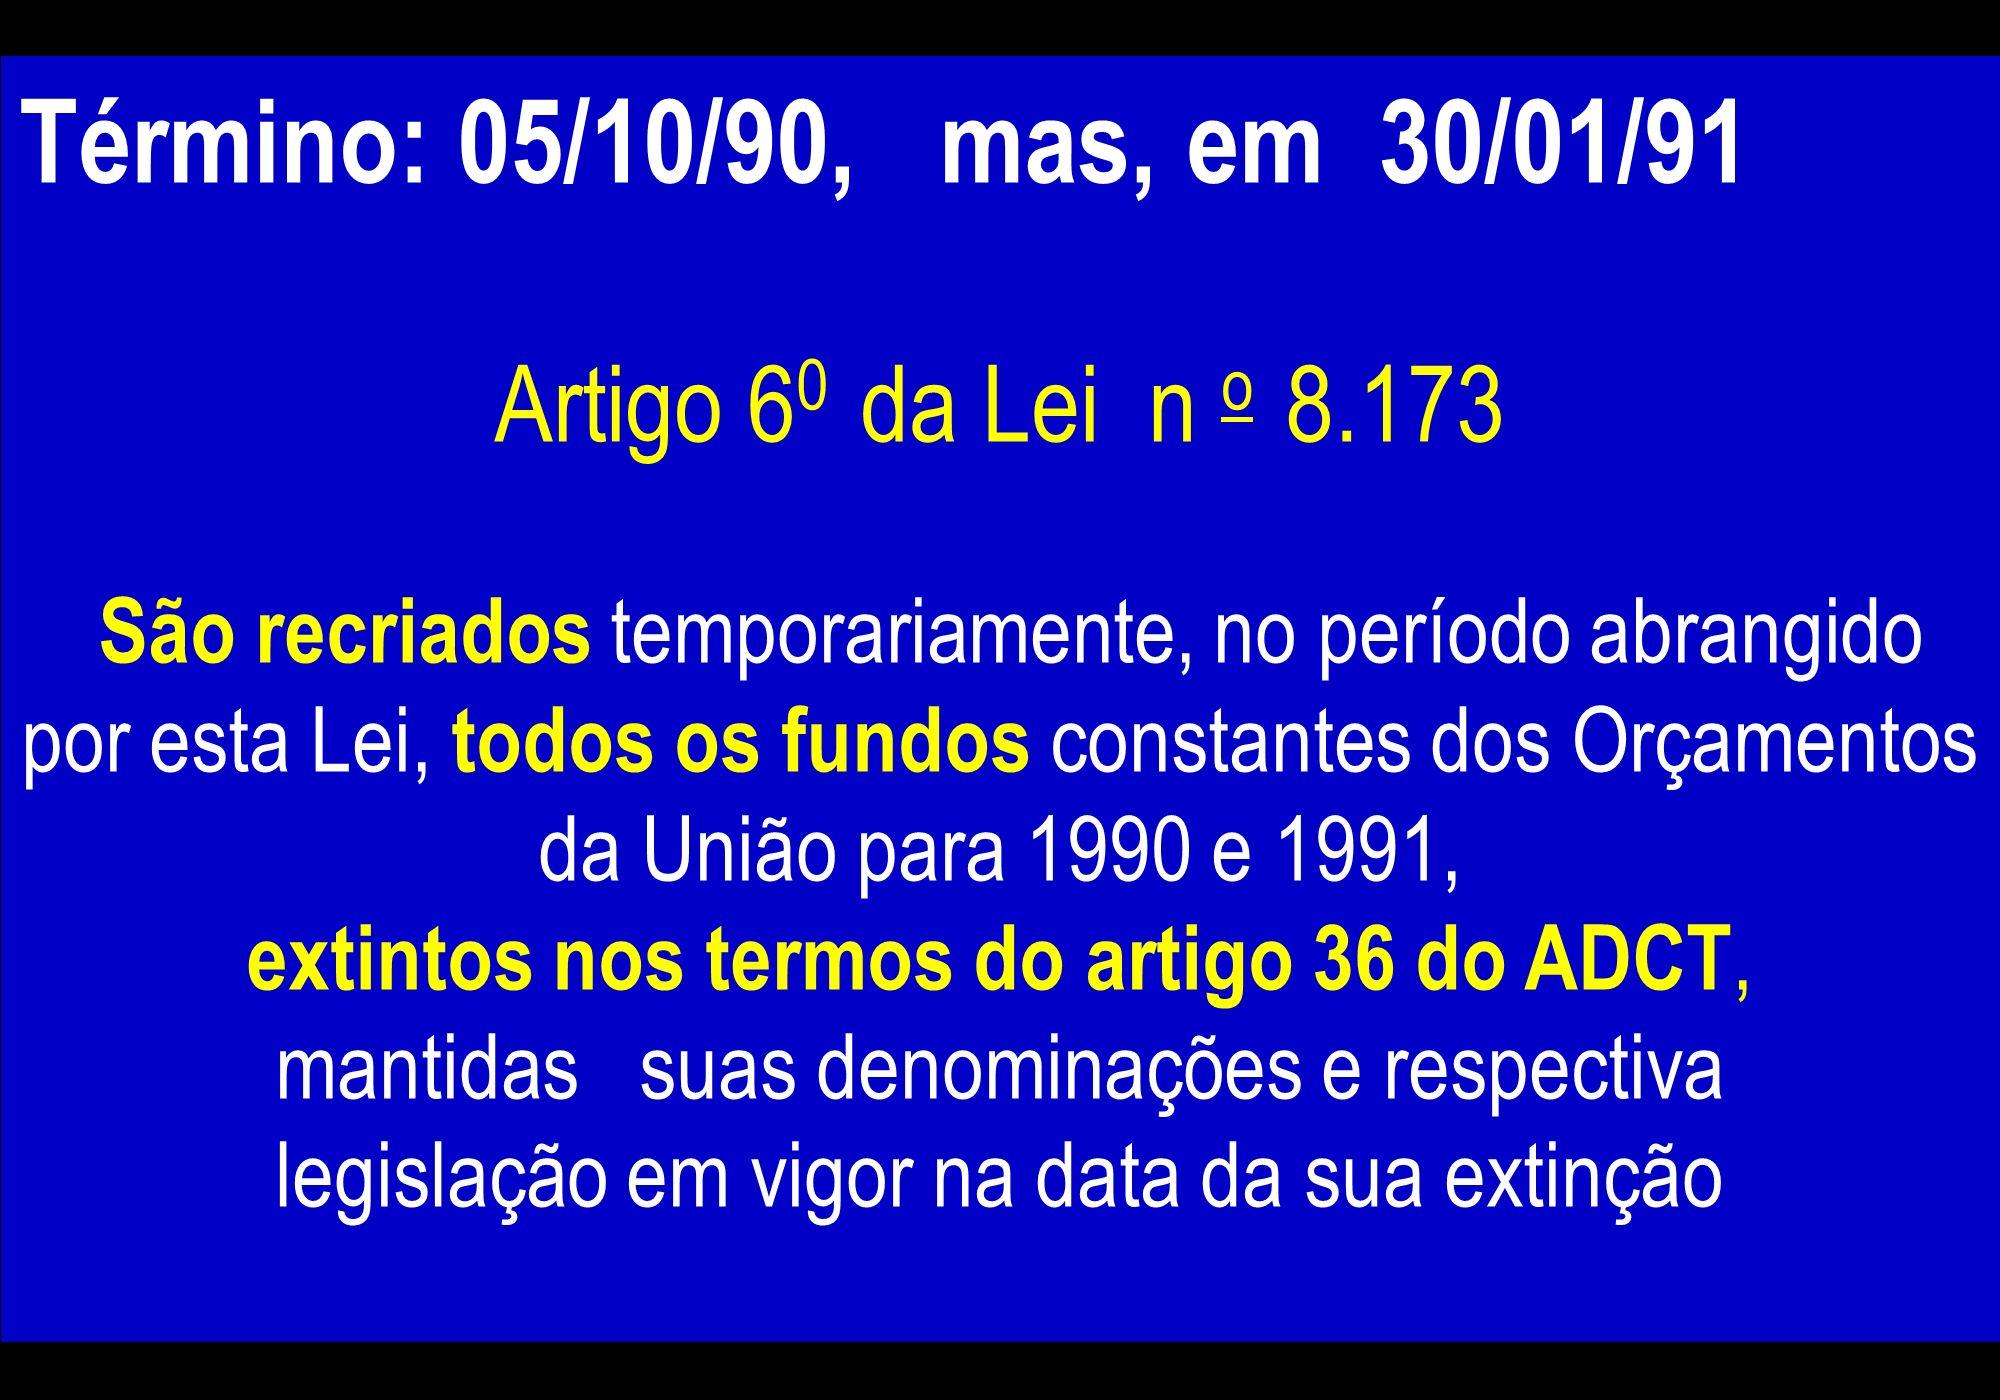 Artigo 36 do ADCT Os fundos existentes na data da promulgação da Constituição, excetuados os resultantes de isenções fiscais que passem a integrar pat